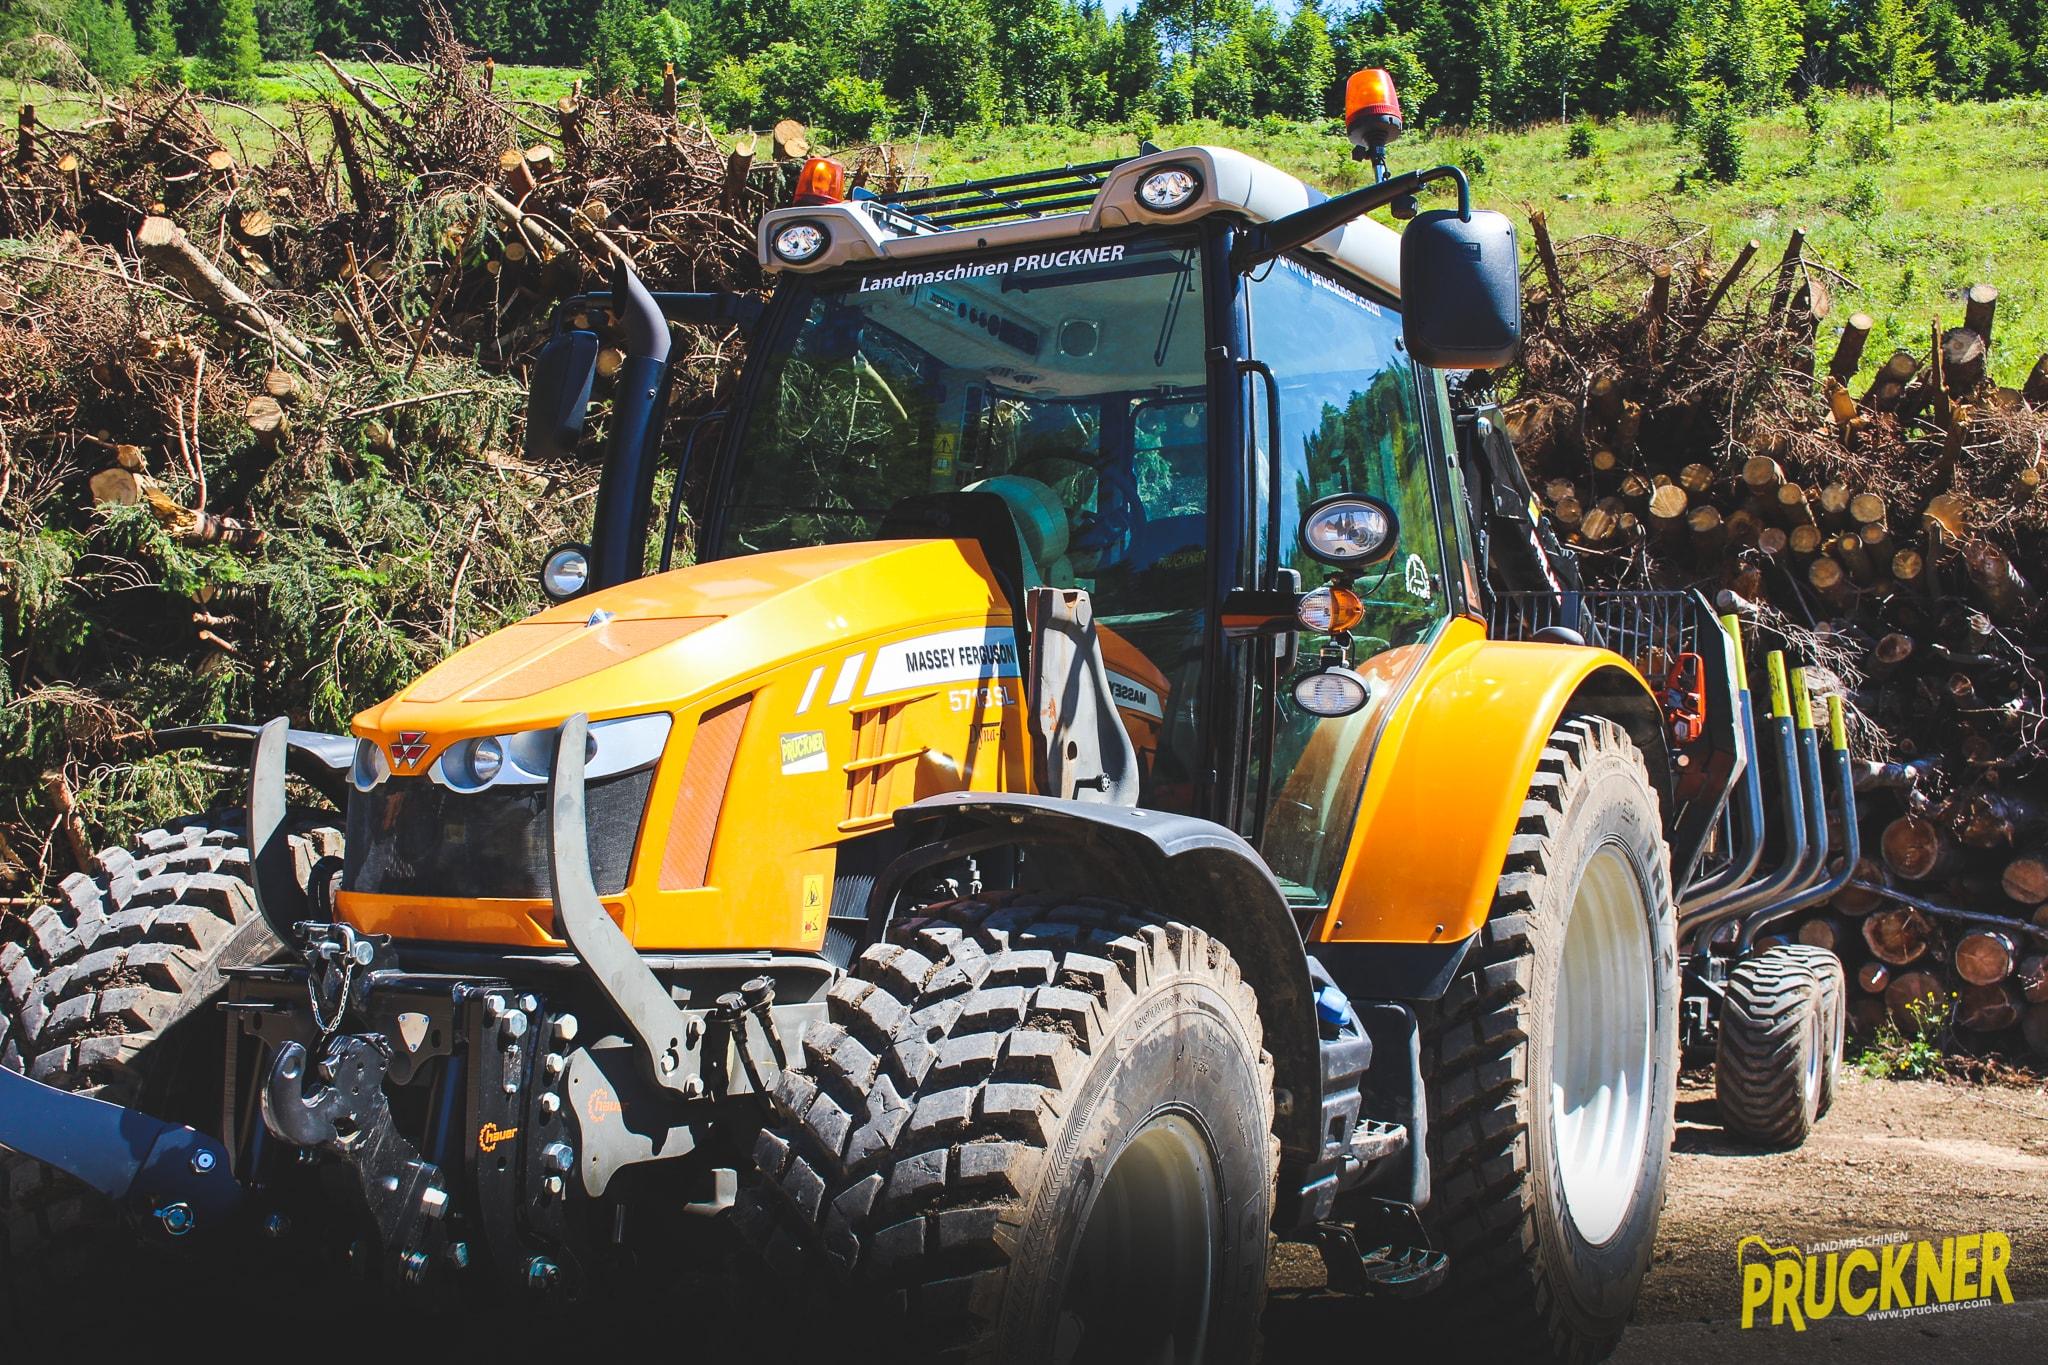 Traktor und Forstanhänger für Gemeinde St. Anton/Jeßnitz